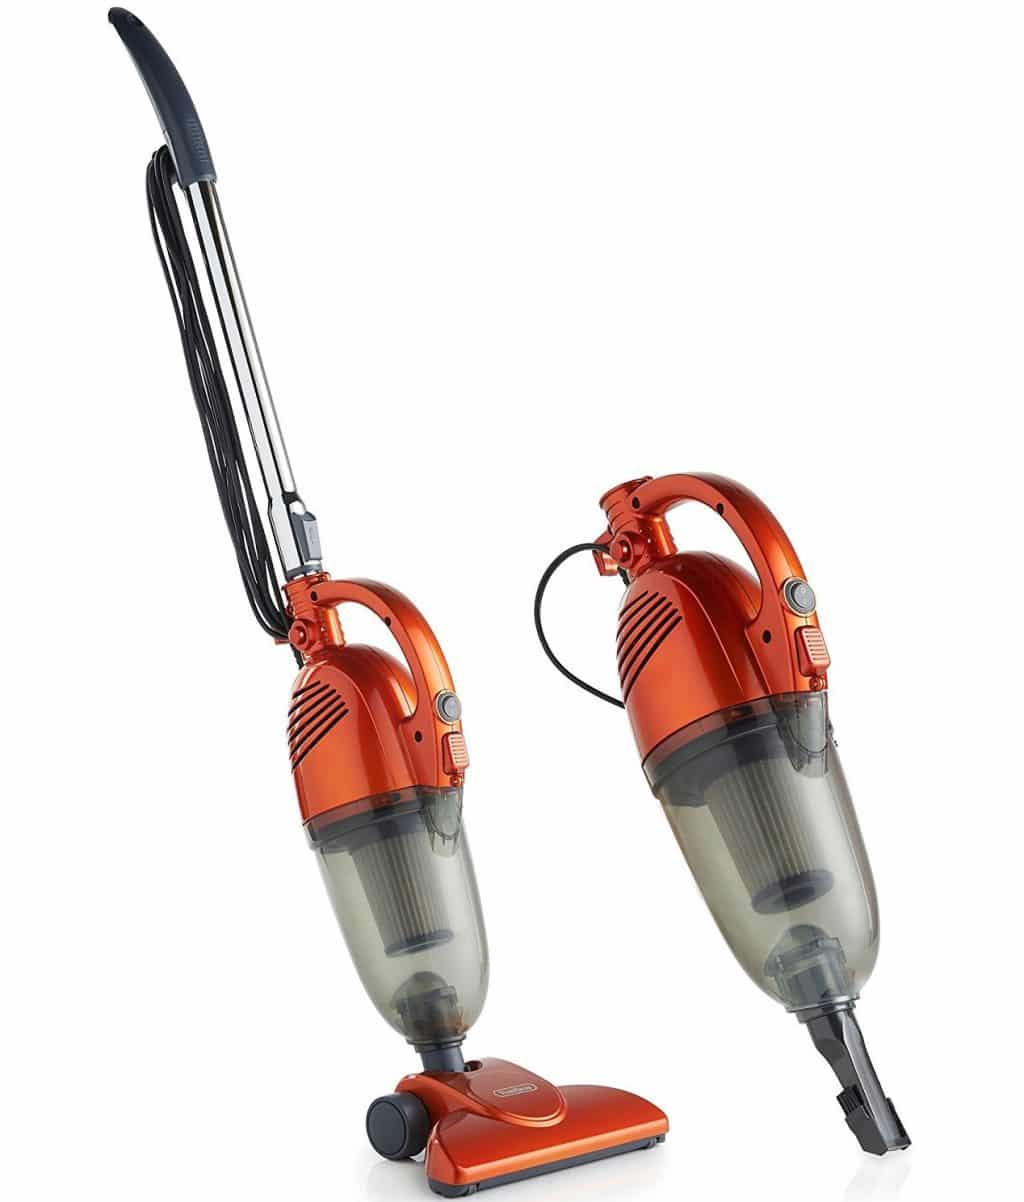 VonHaus 2-in1 Upright & Handheld Vacuum Cleaner